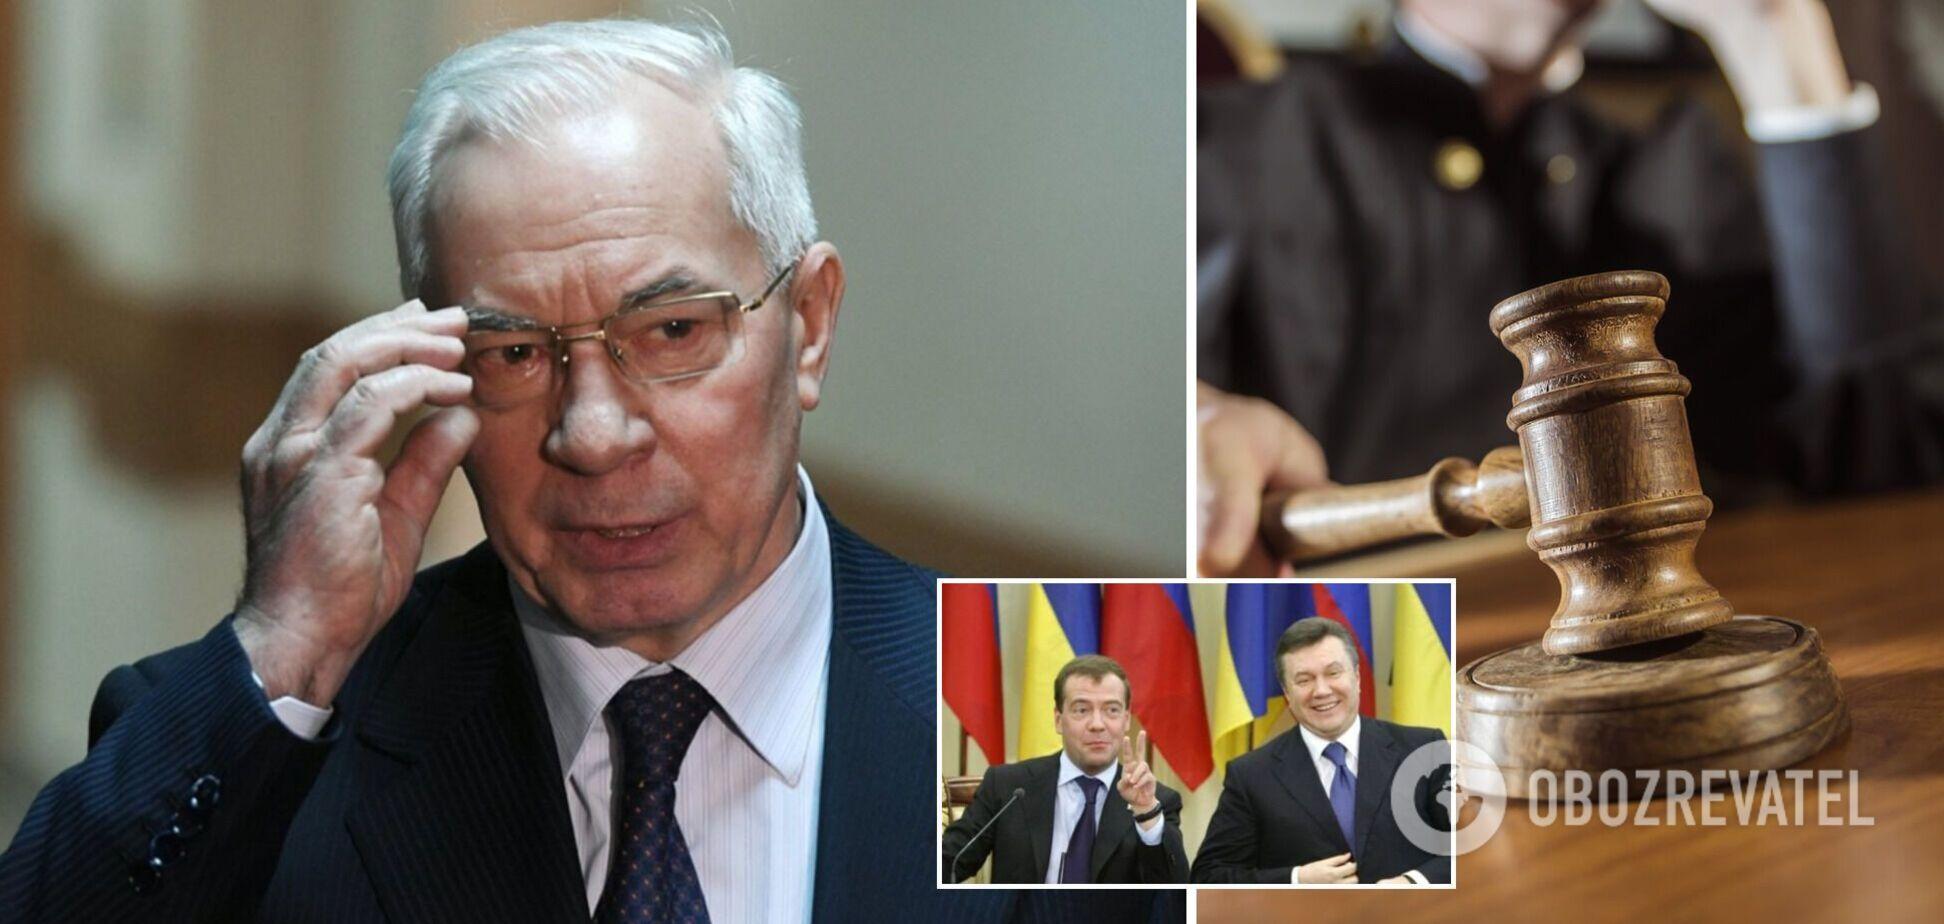 Суд заочно заарештував експрем'єра Азарова у справі Харківських угод: усі подробиці